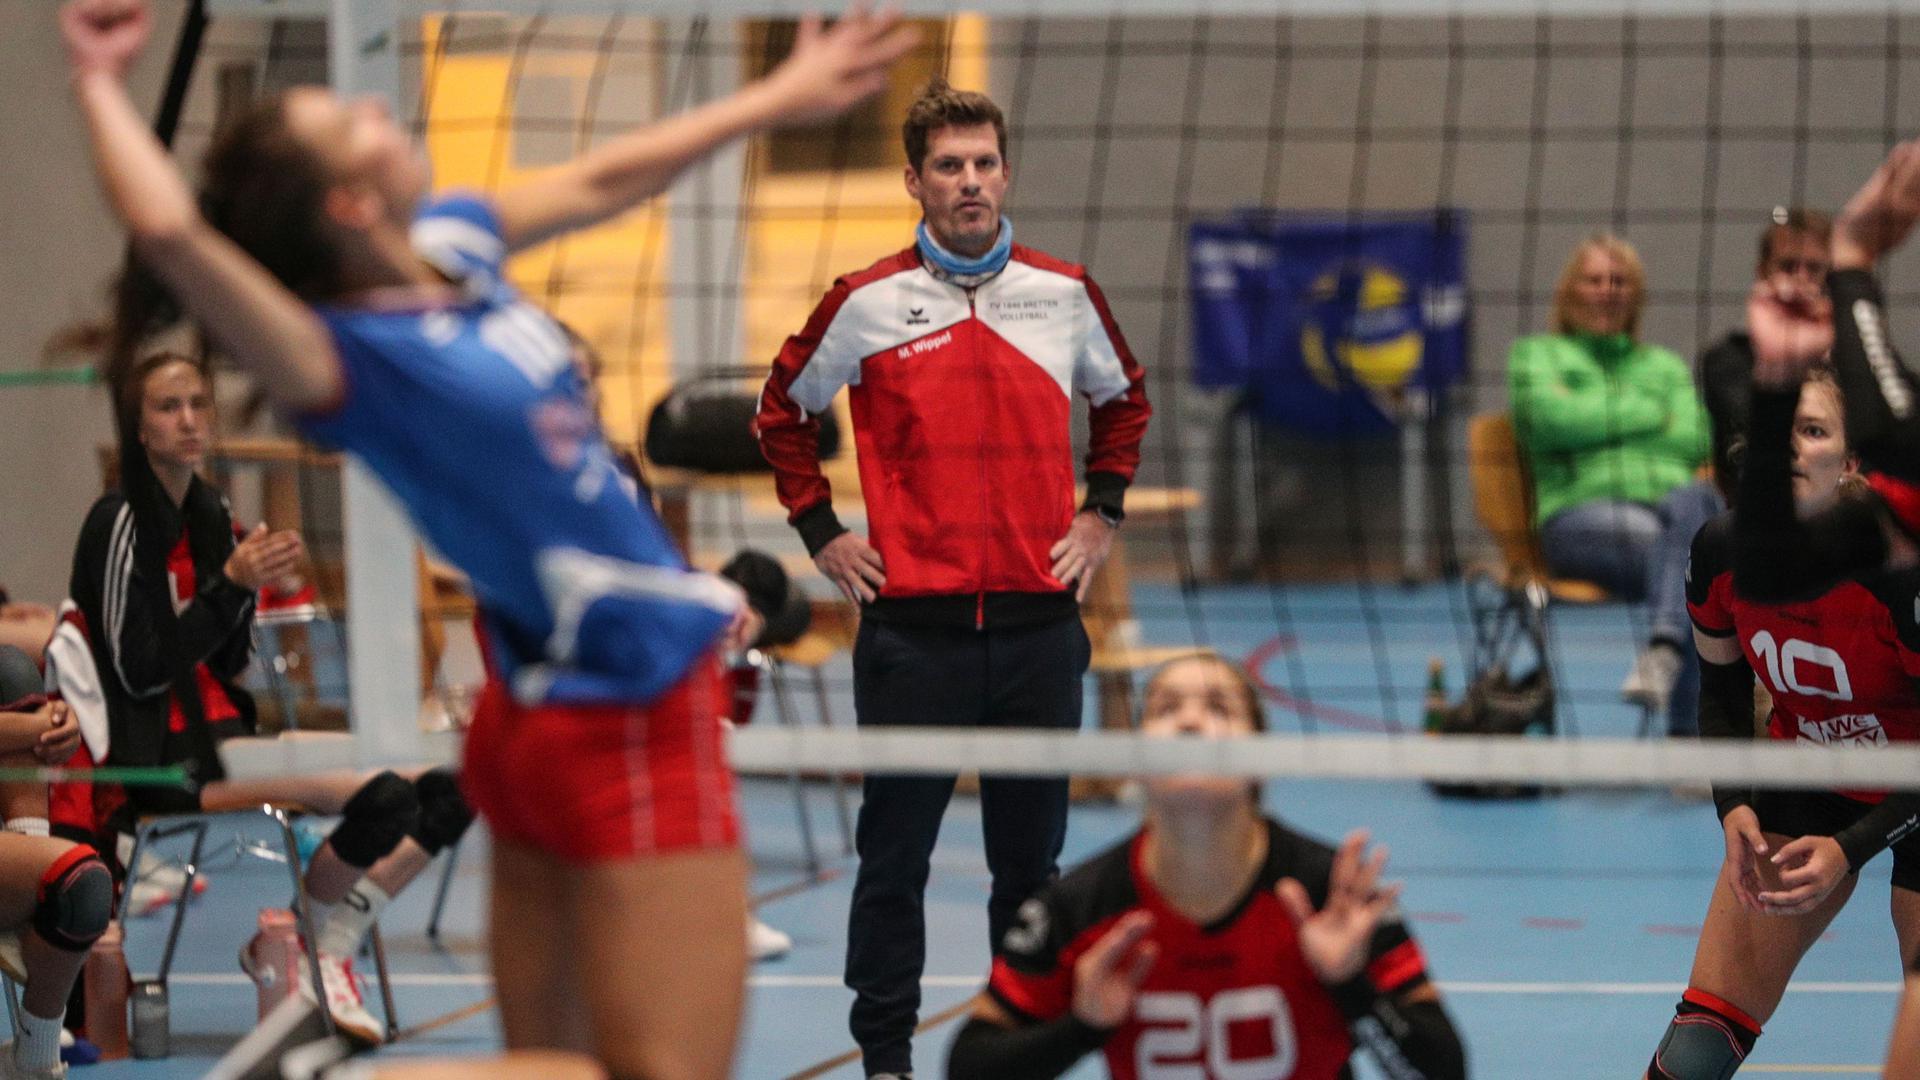 Trainer TV Bretten, Maik Wippel